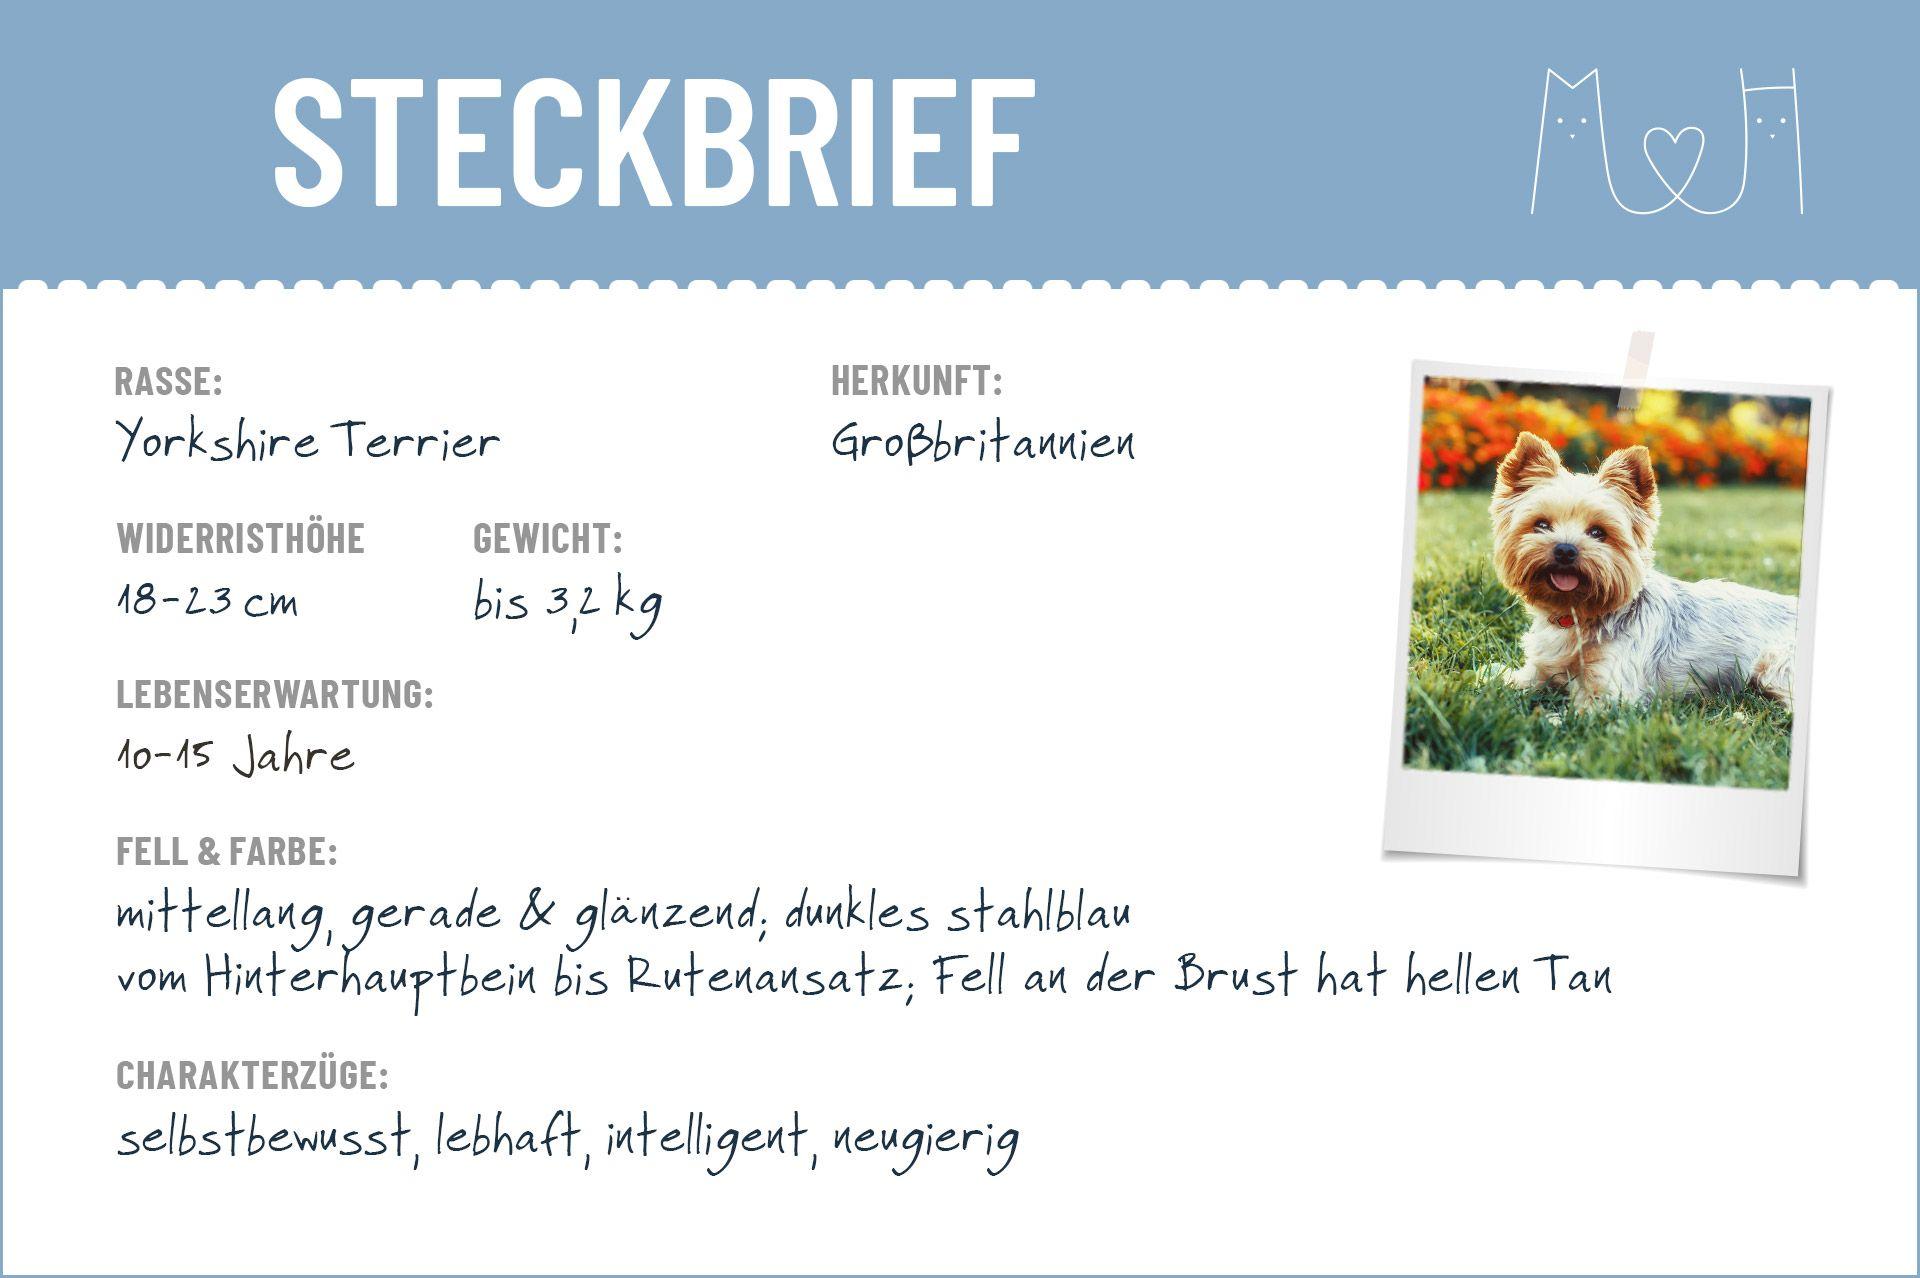 Yorkshire Terrier Steckbrief In 2020 Mit Bildern Yorkshire Terrier Terrier Yorkshire